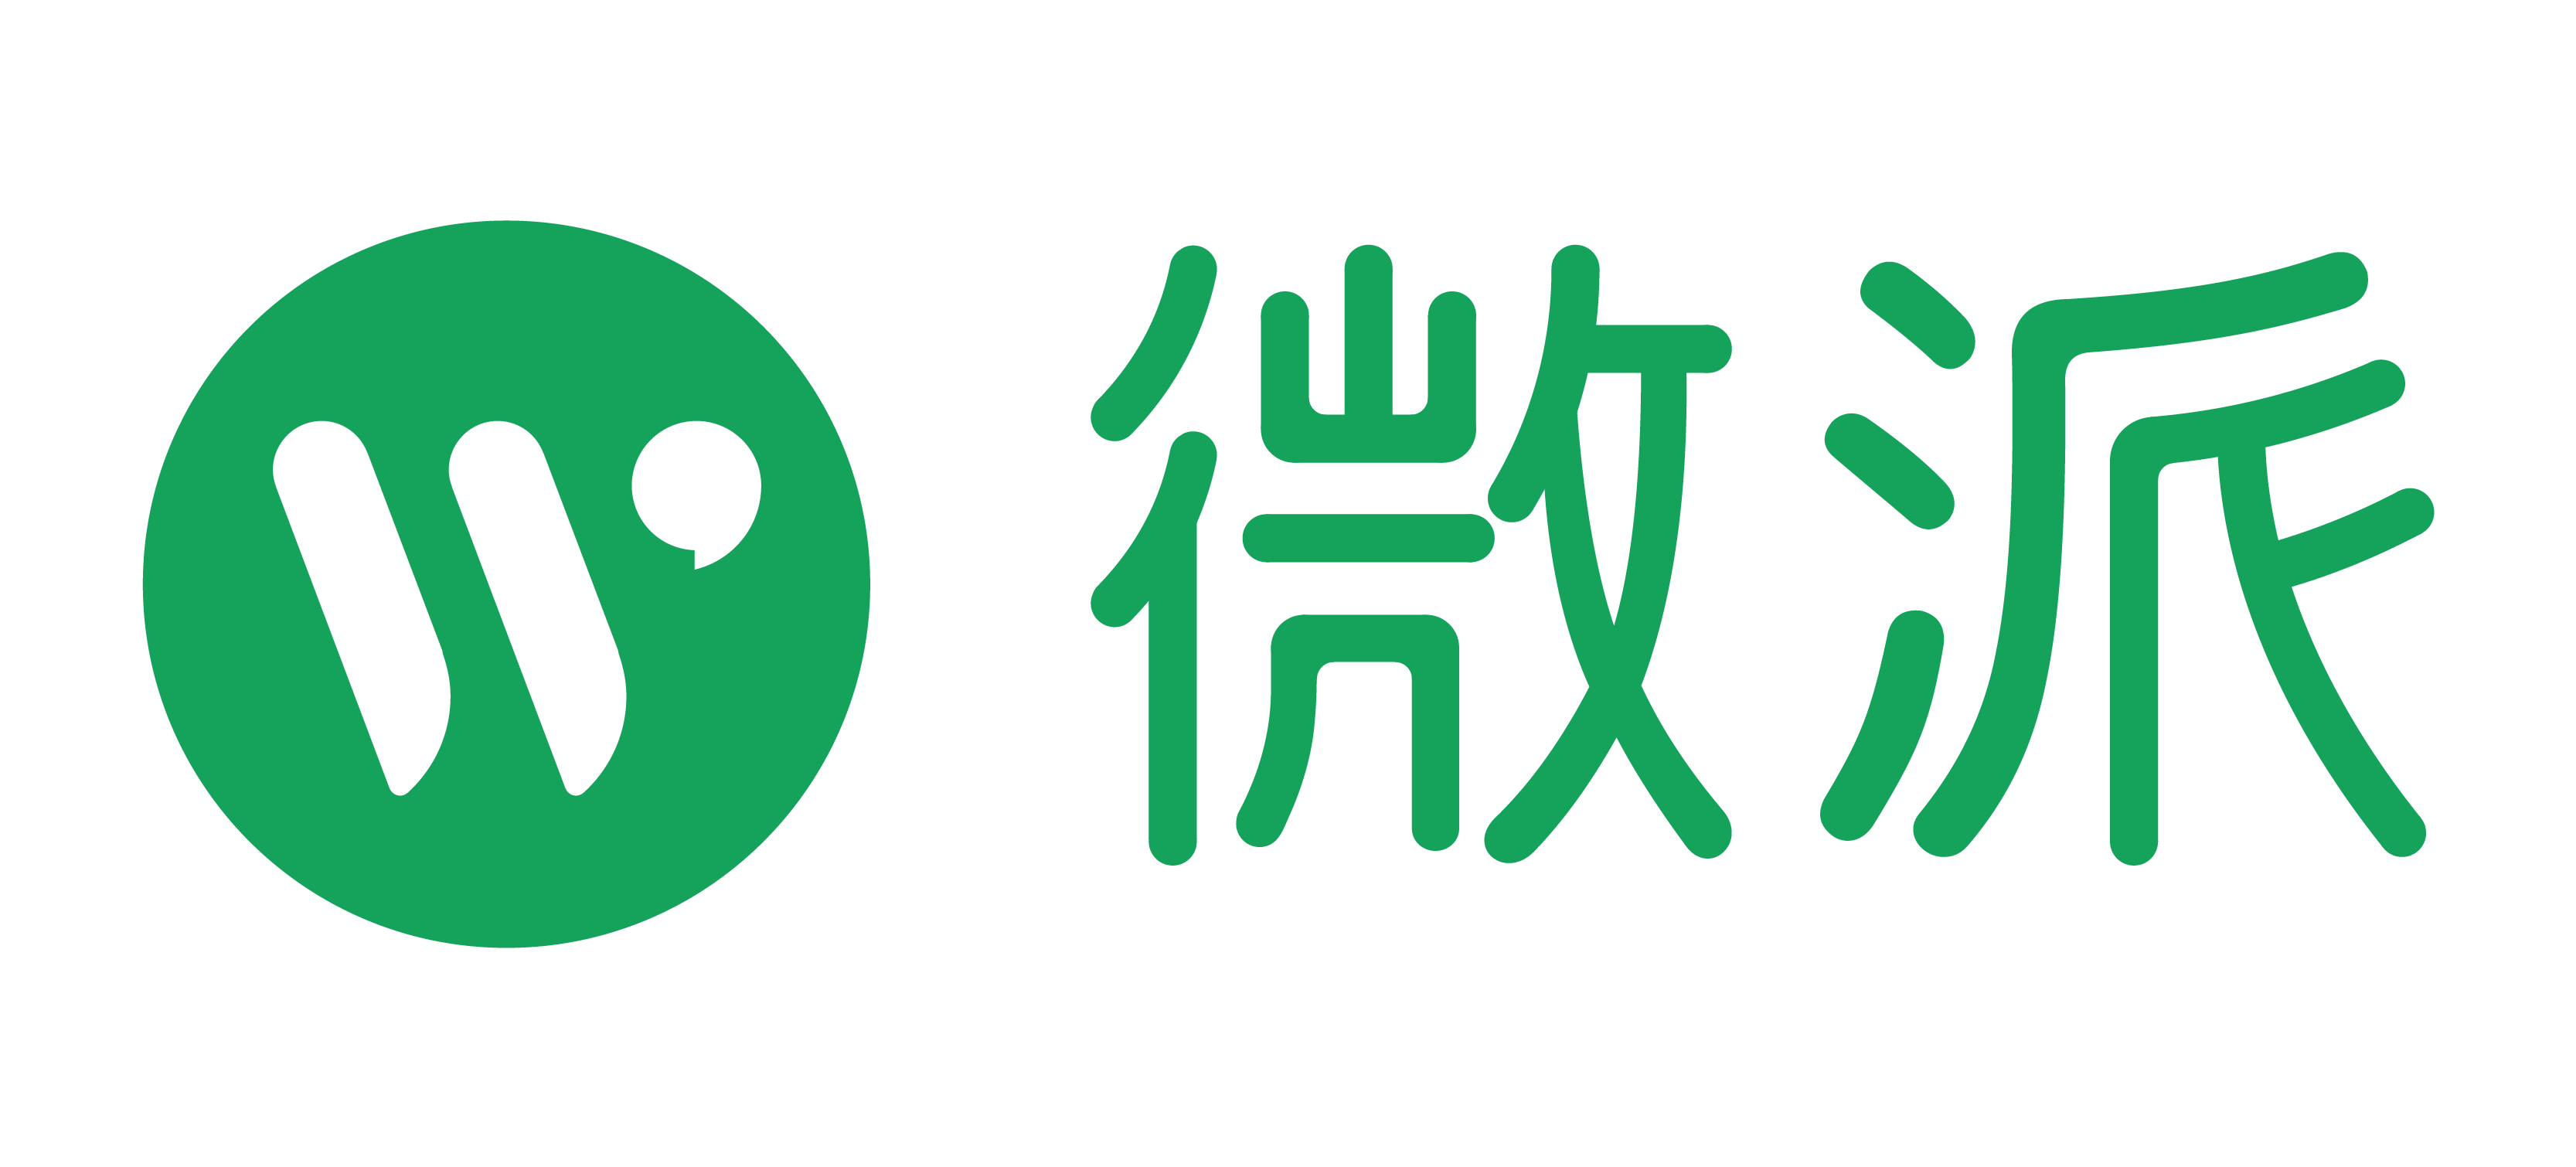 武汉微派网络科技有限公司